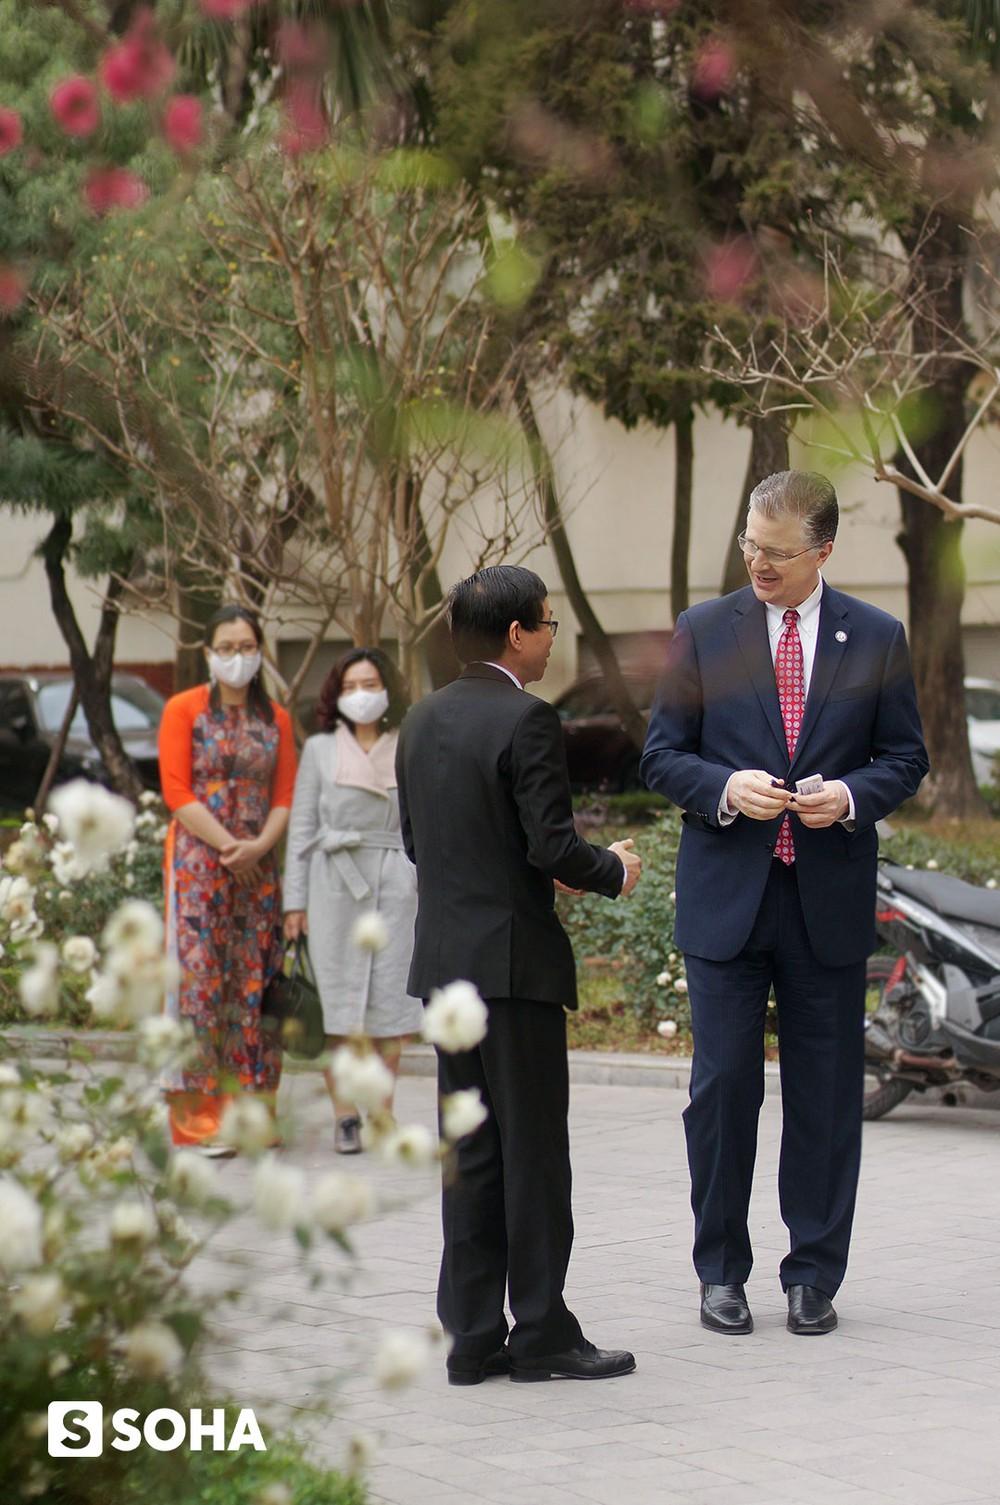 Cây đào tự tay ghép của Đại sứ Mỹ tại Việt Nam và cuộc gặp cuối năm - Ảnh 4.